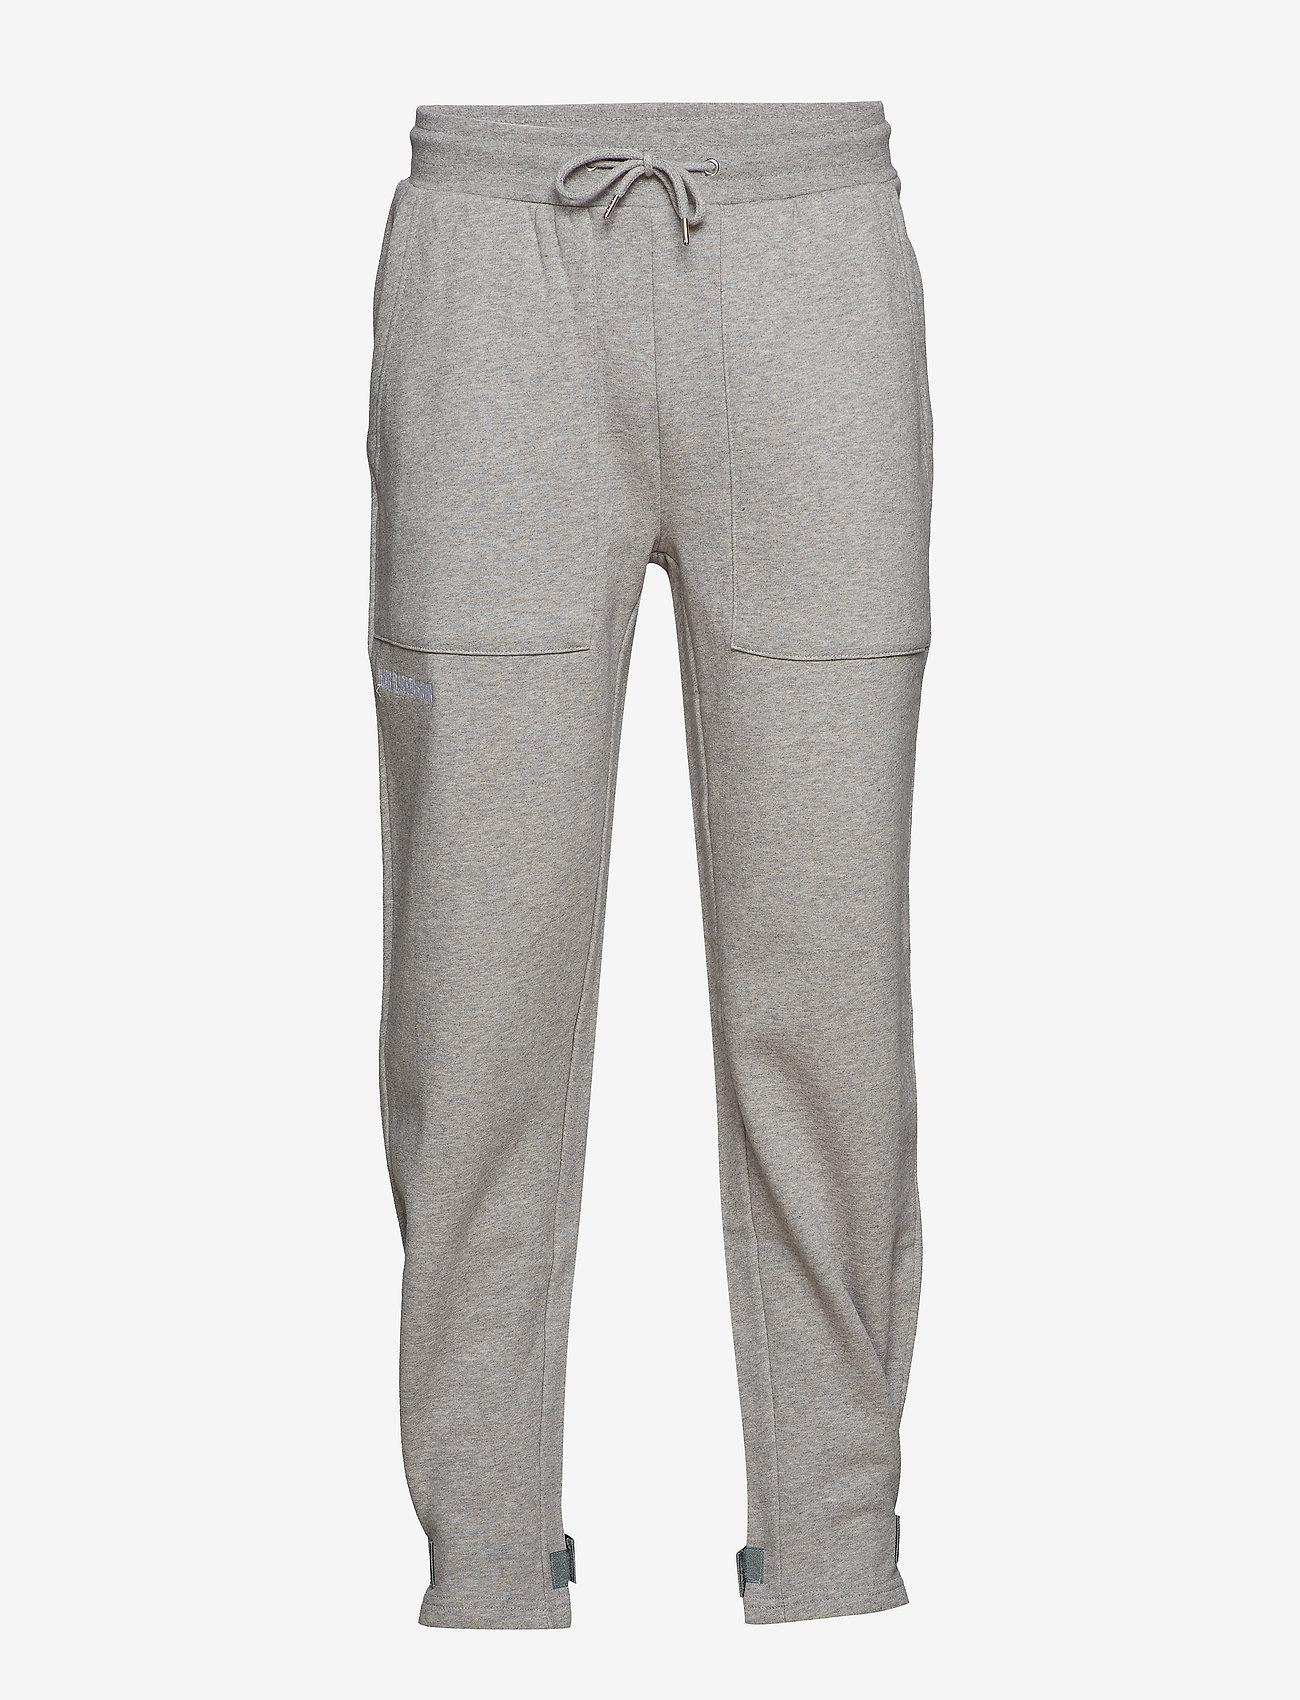 HAN Kjøbenhavn - Sweat Pants - kleding - grey logo - 1